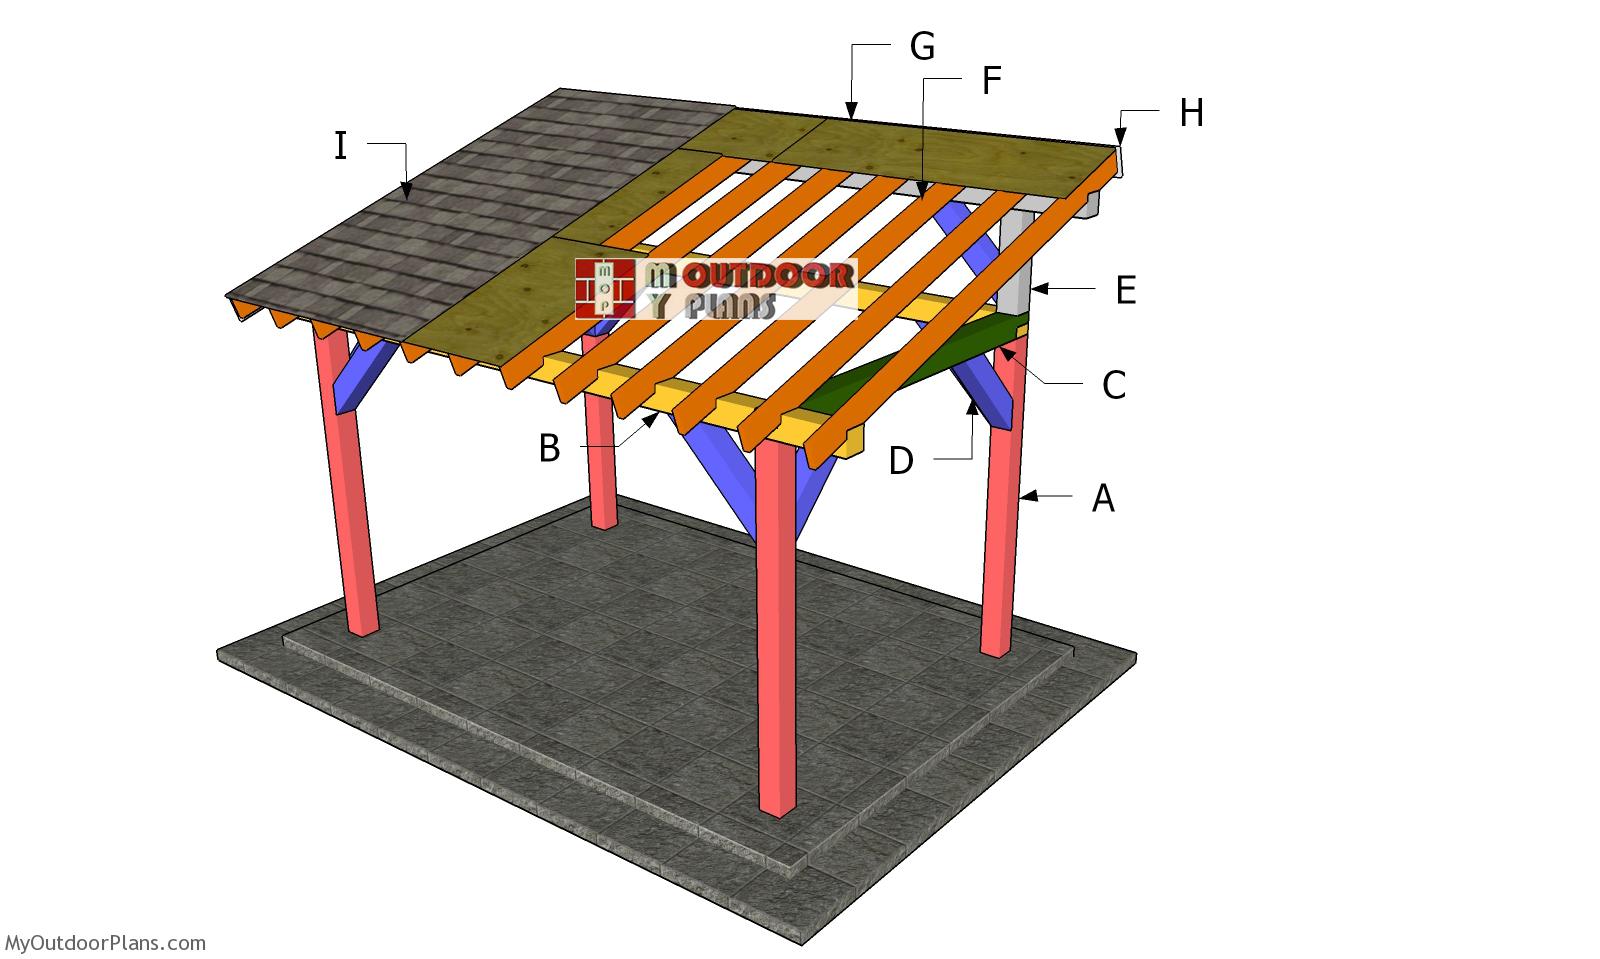 8x12 Lean to Pavilion Roof Plans